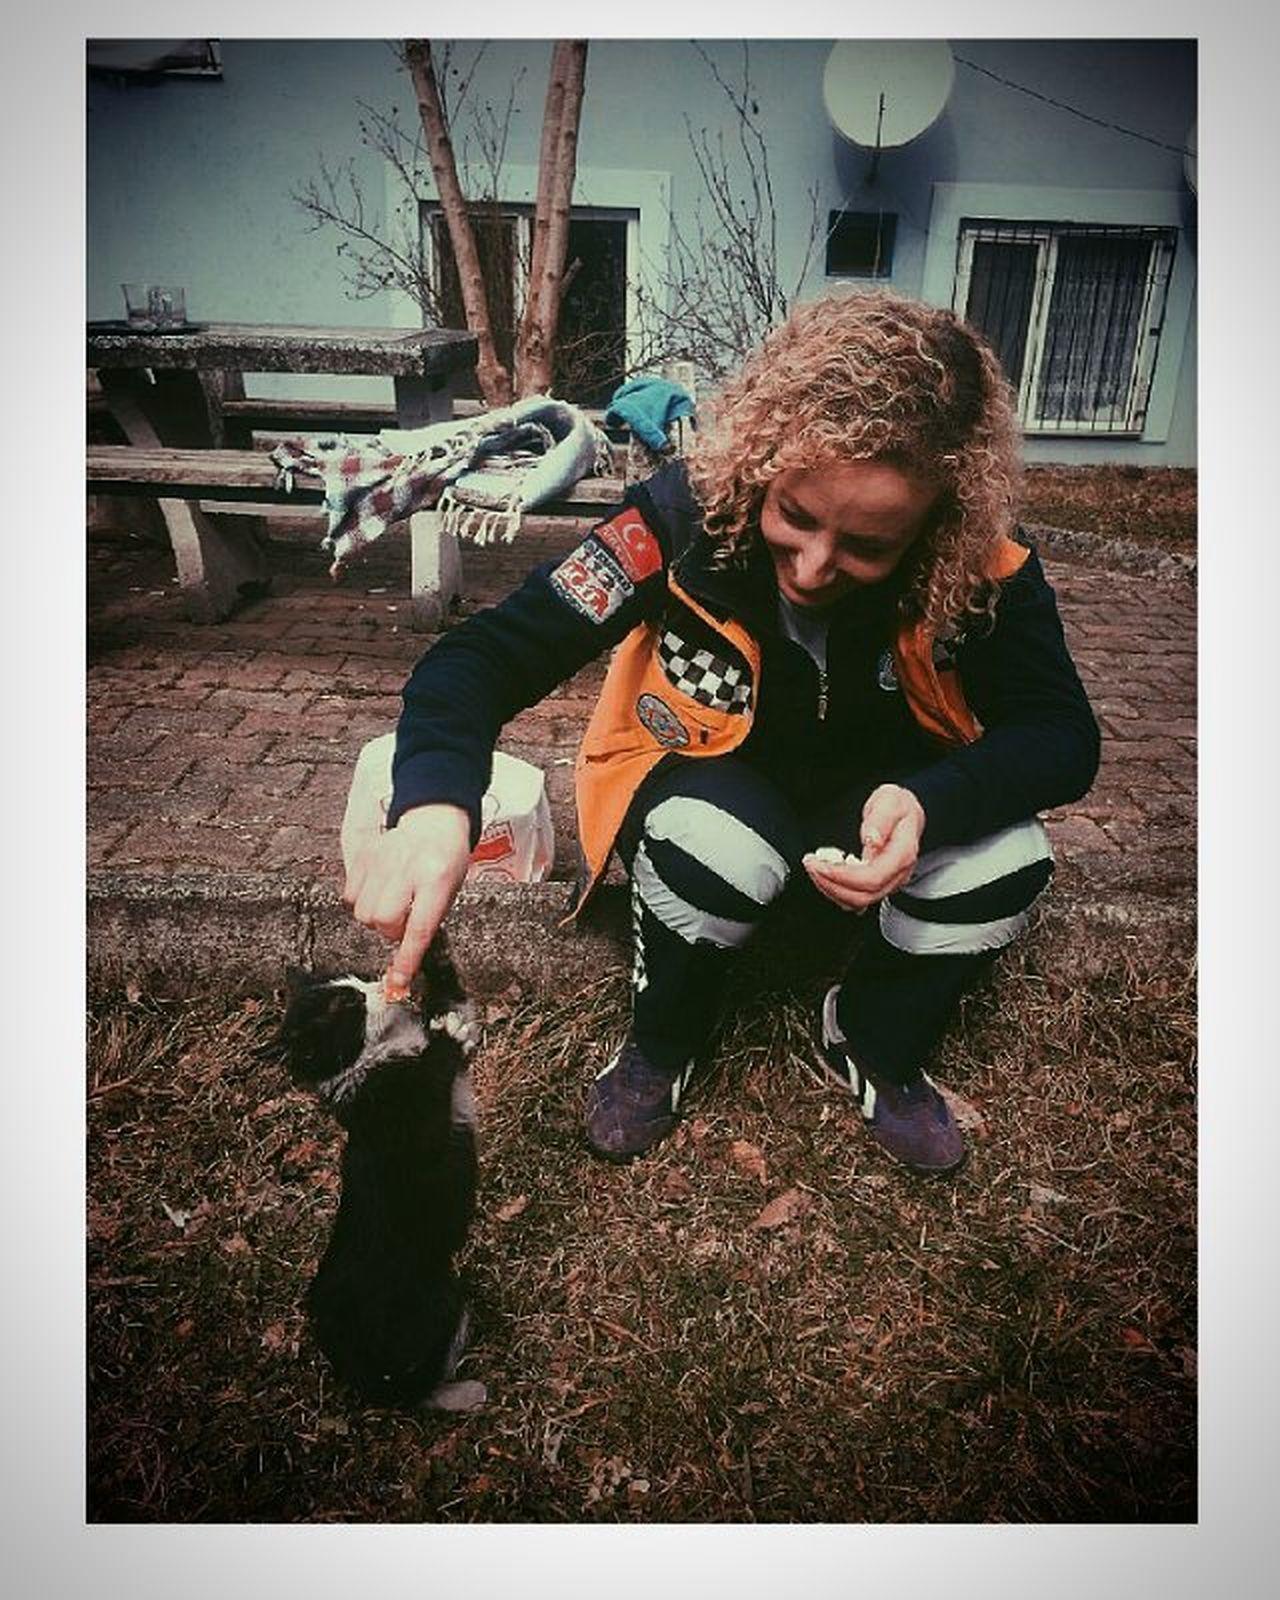 Peluş Ayımız Olmazsa Peluş Kedimiz Olur 14şubat 6044 Cat Lovers Pakize ☝☝✌ Kırmızı şeritli Lady Driver